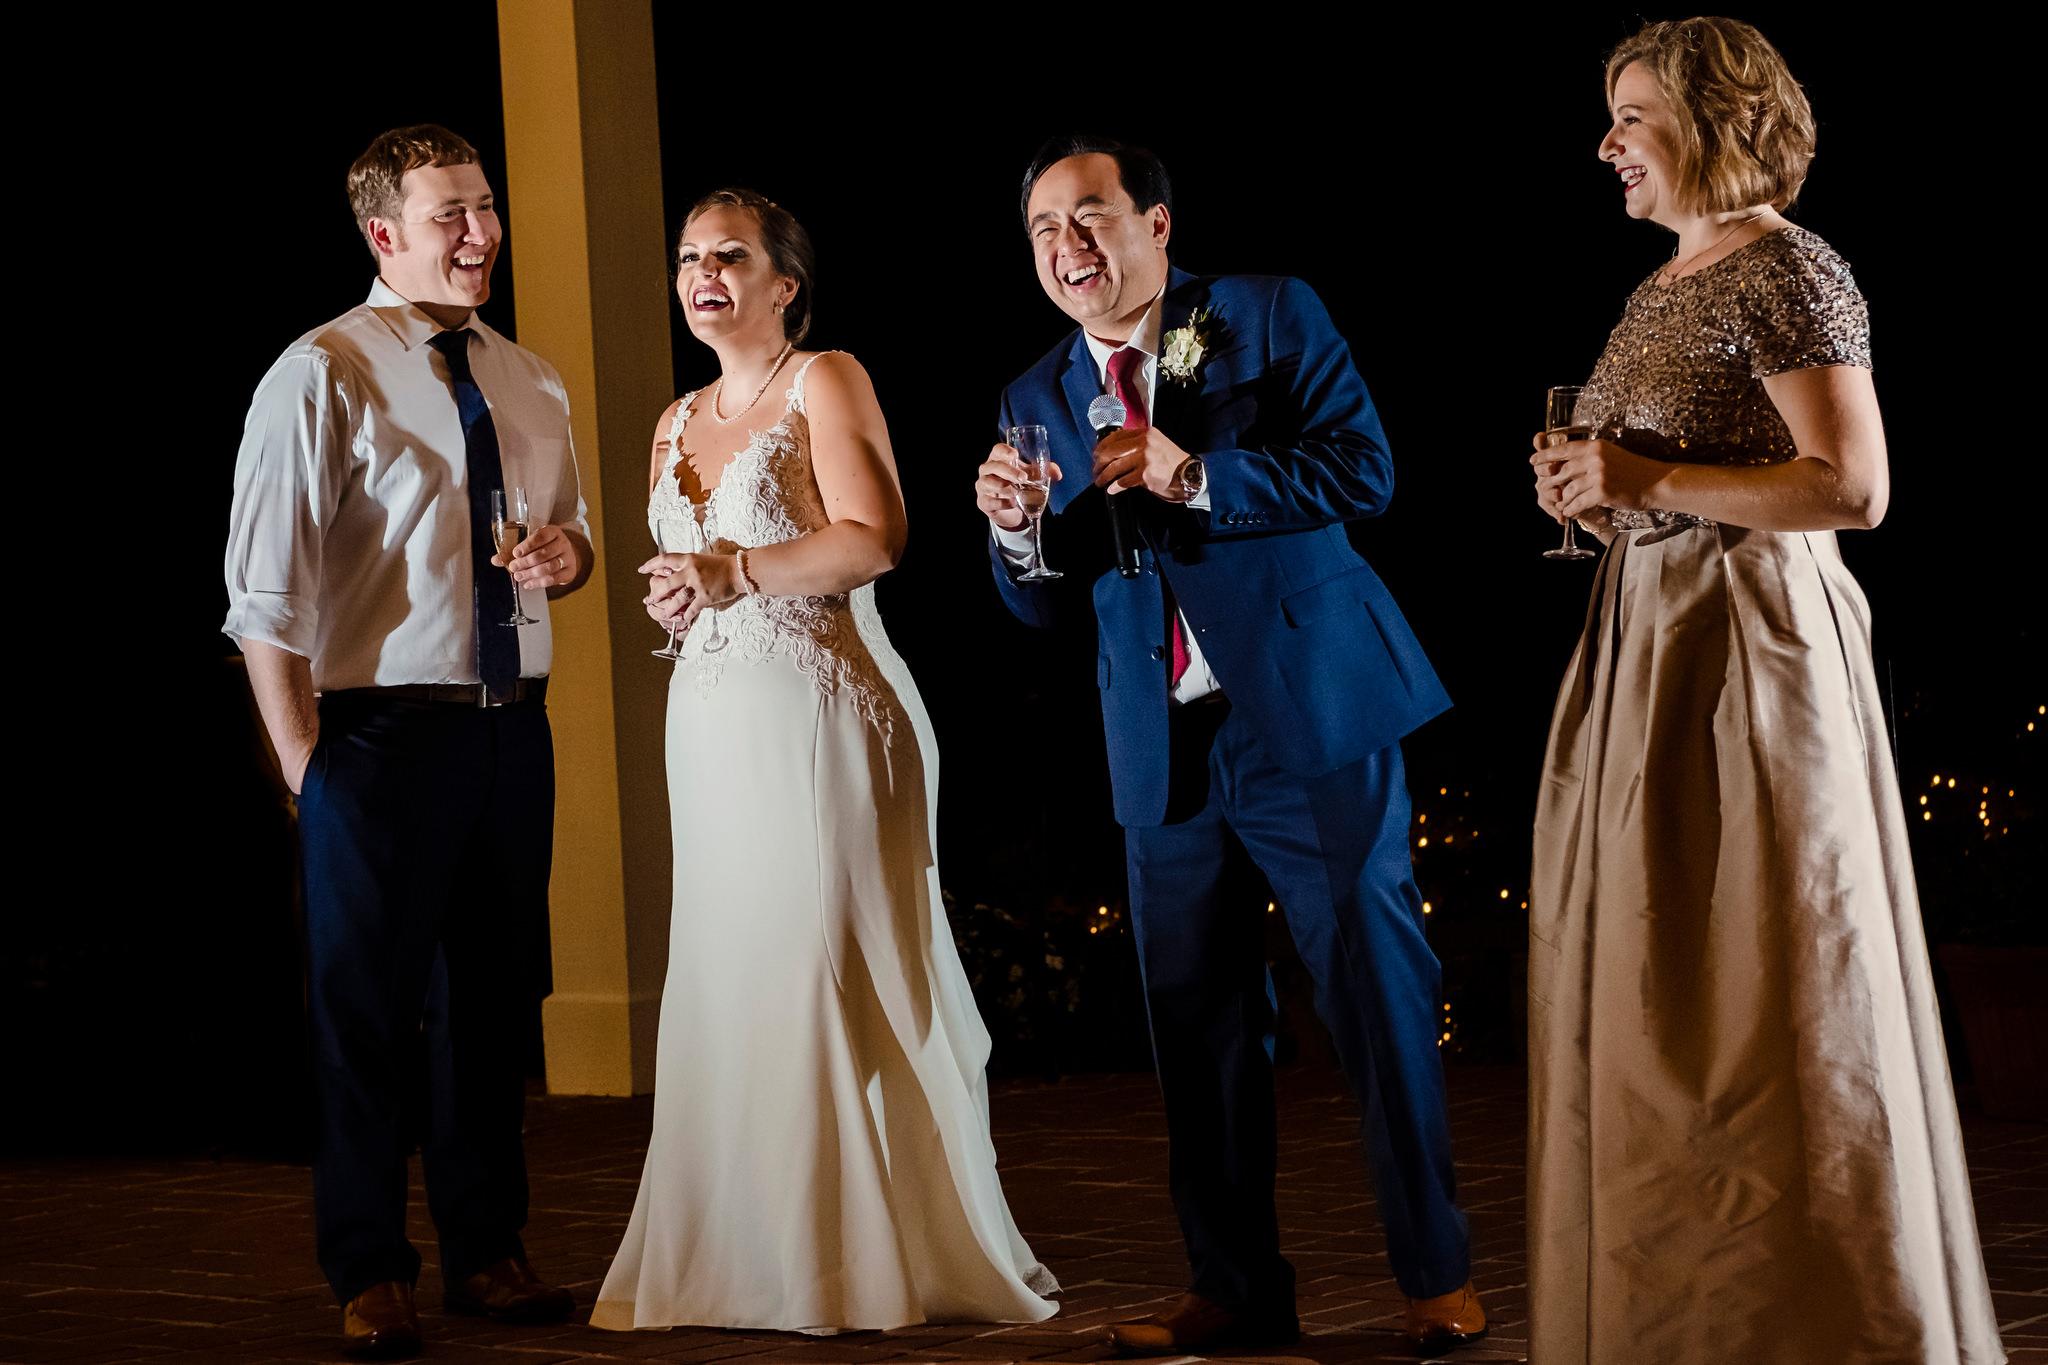 28-victoria-chris-atlanta-wedding-at-flint-hill